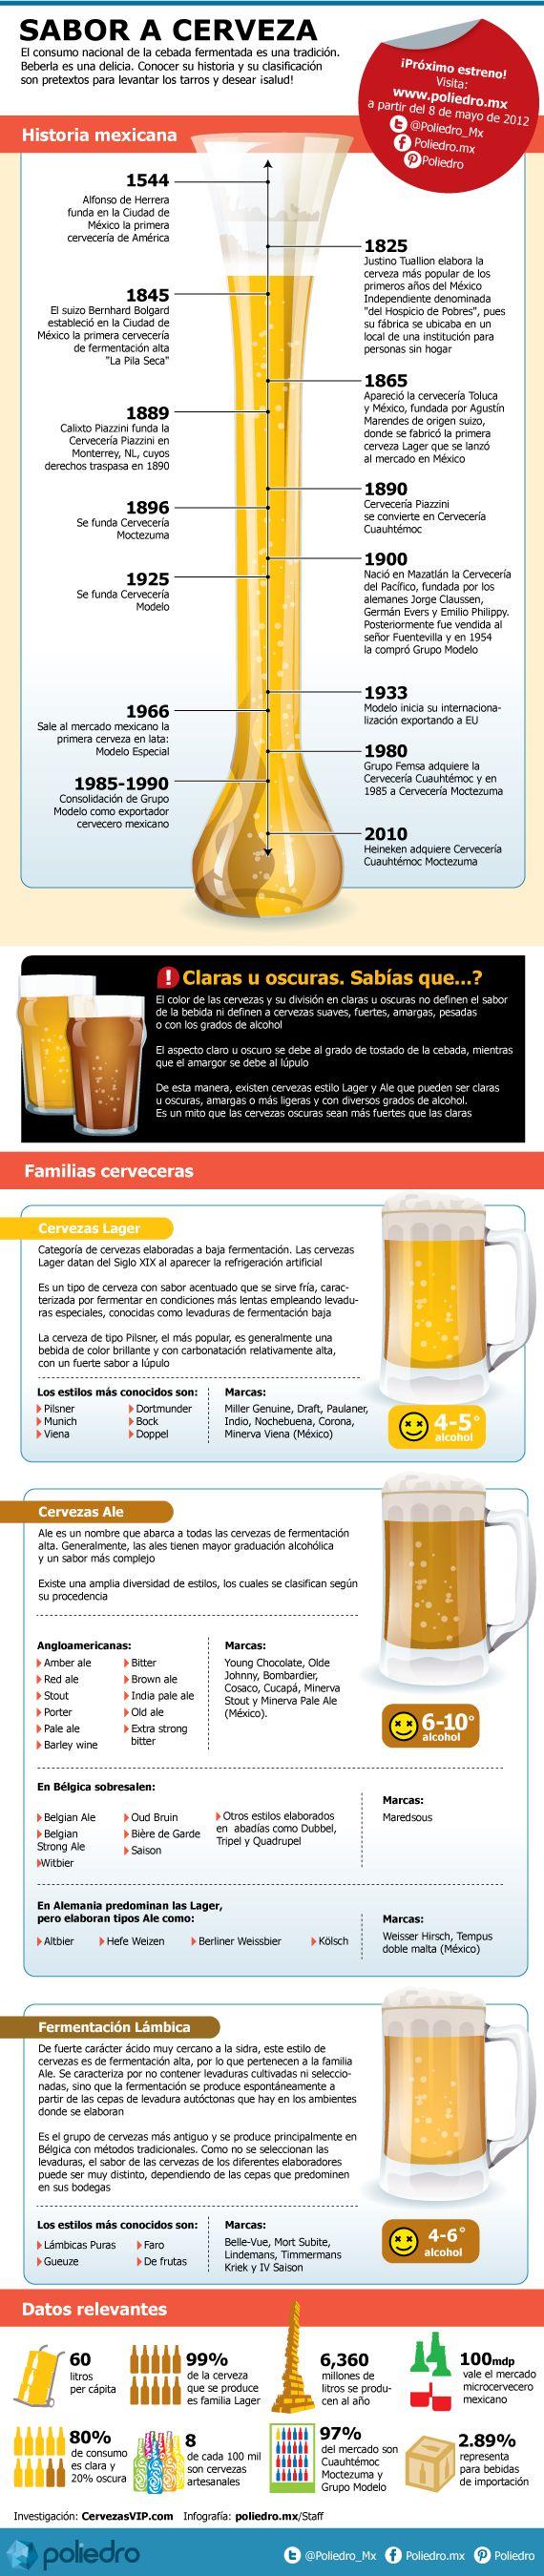 INFOGRAFÍA: ¡Mmmh, cerveza! ¿Qué tanto conoces de esta extraordinaria bebida?